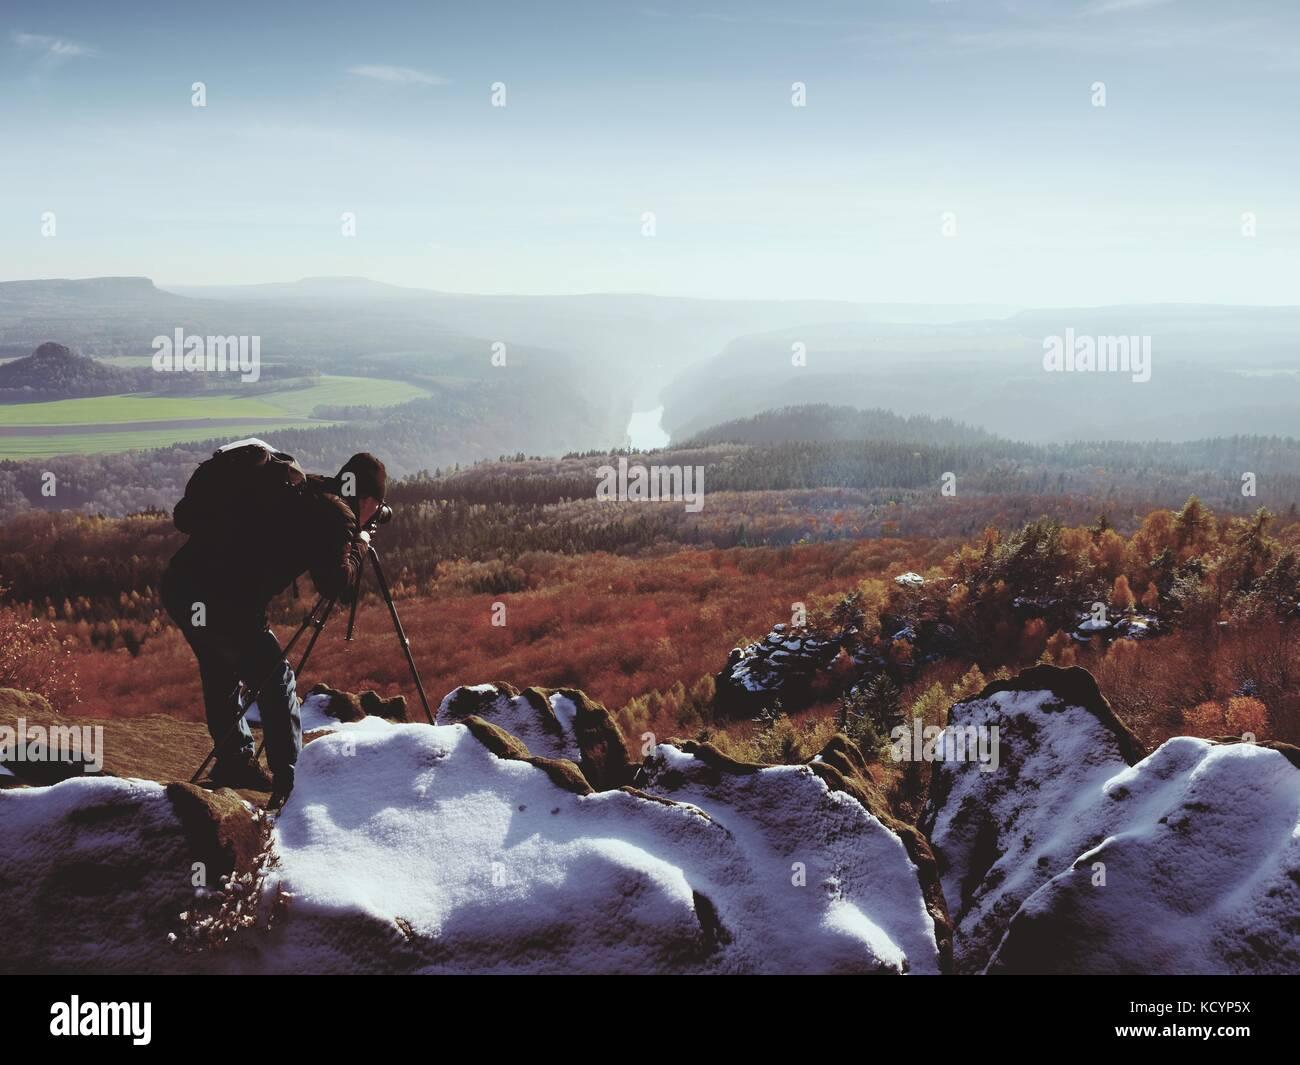 Photographe professionnel prend des photos avec l'appareil photo et miroir tripode sur pic enneigé paysage onirique. Banque D'Images